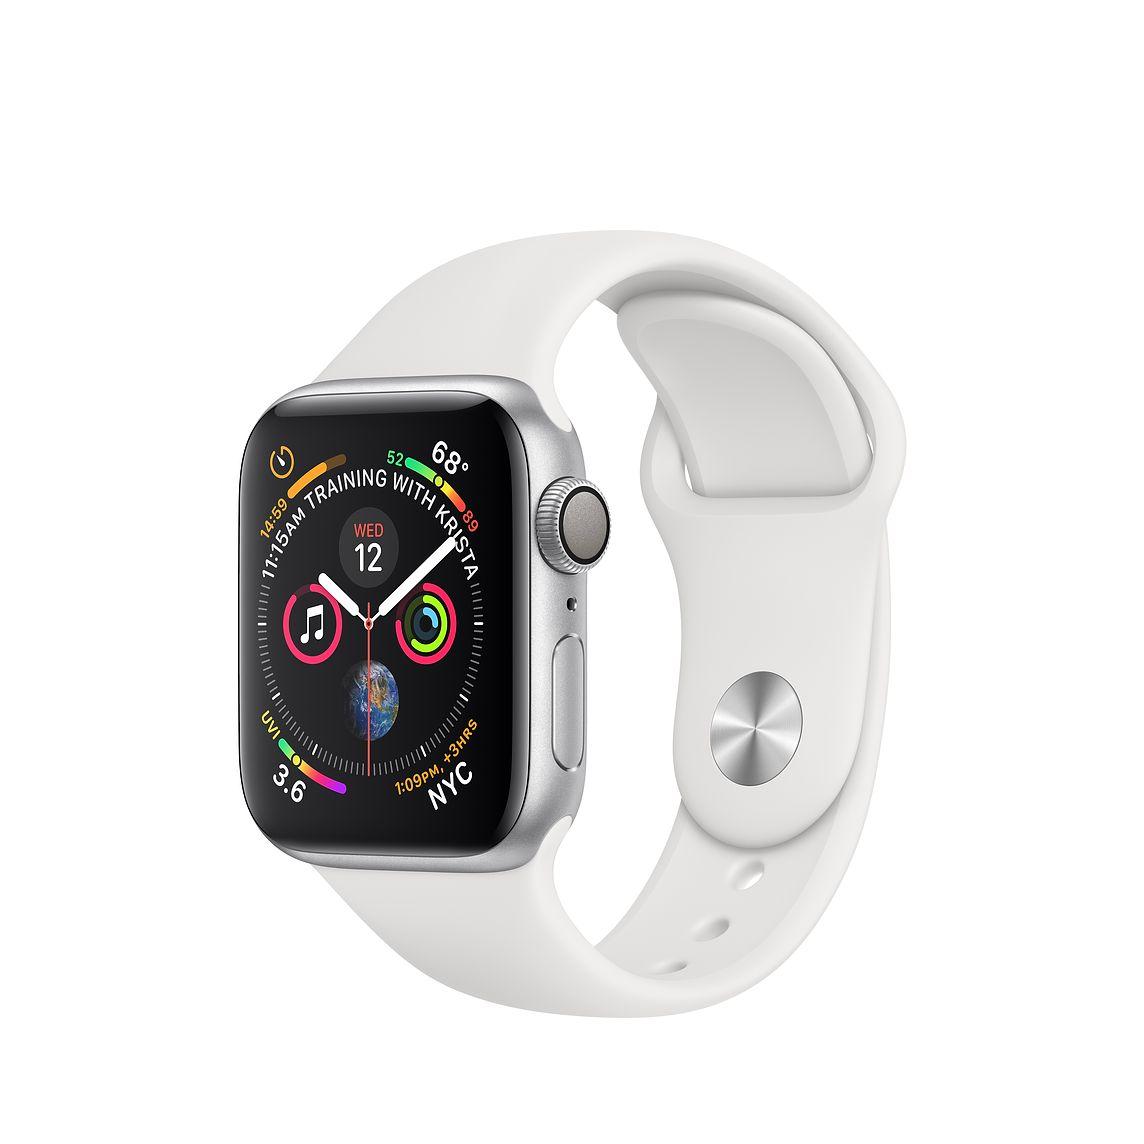 Refurbished Apple Watch Series 4 £299.99 @ Apple Store